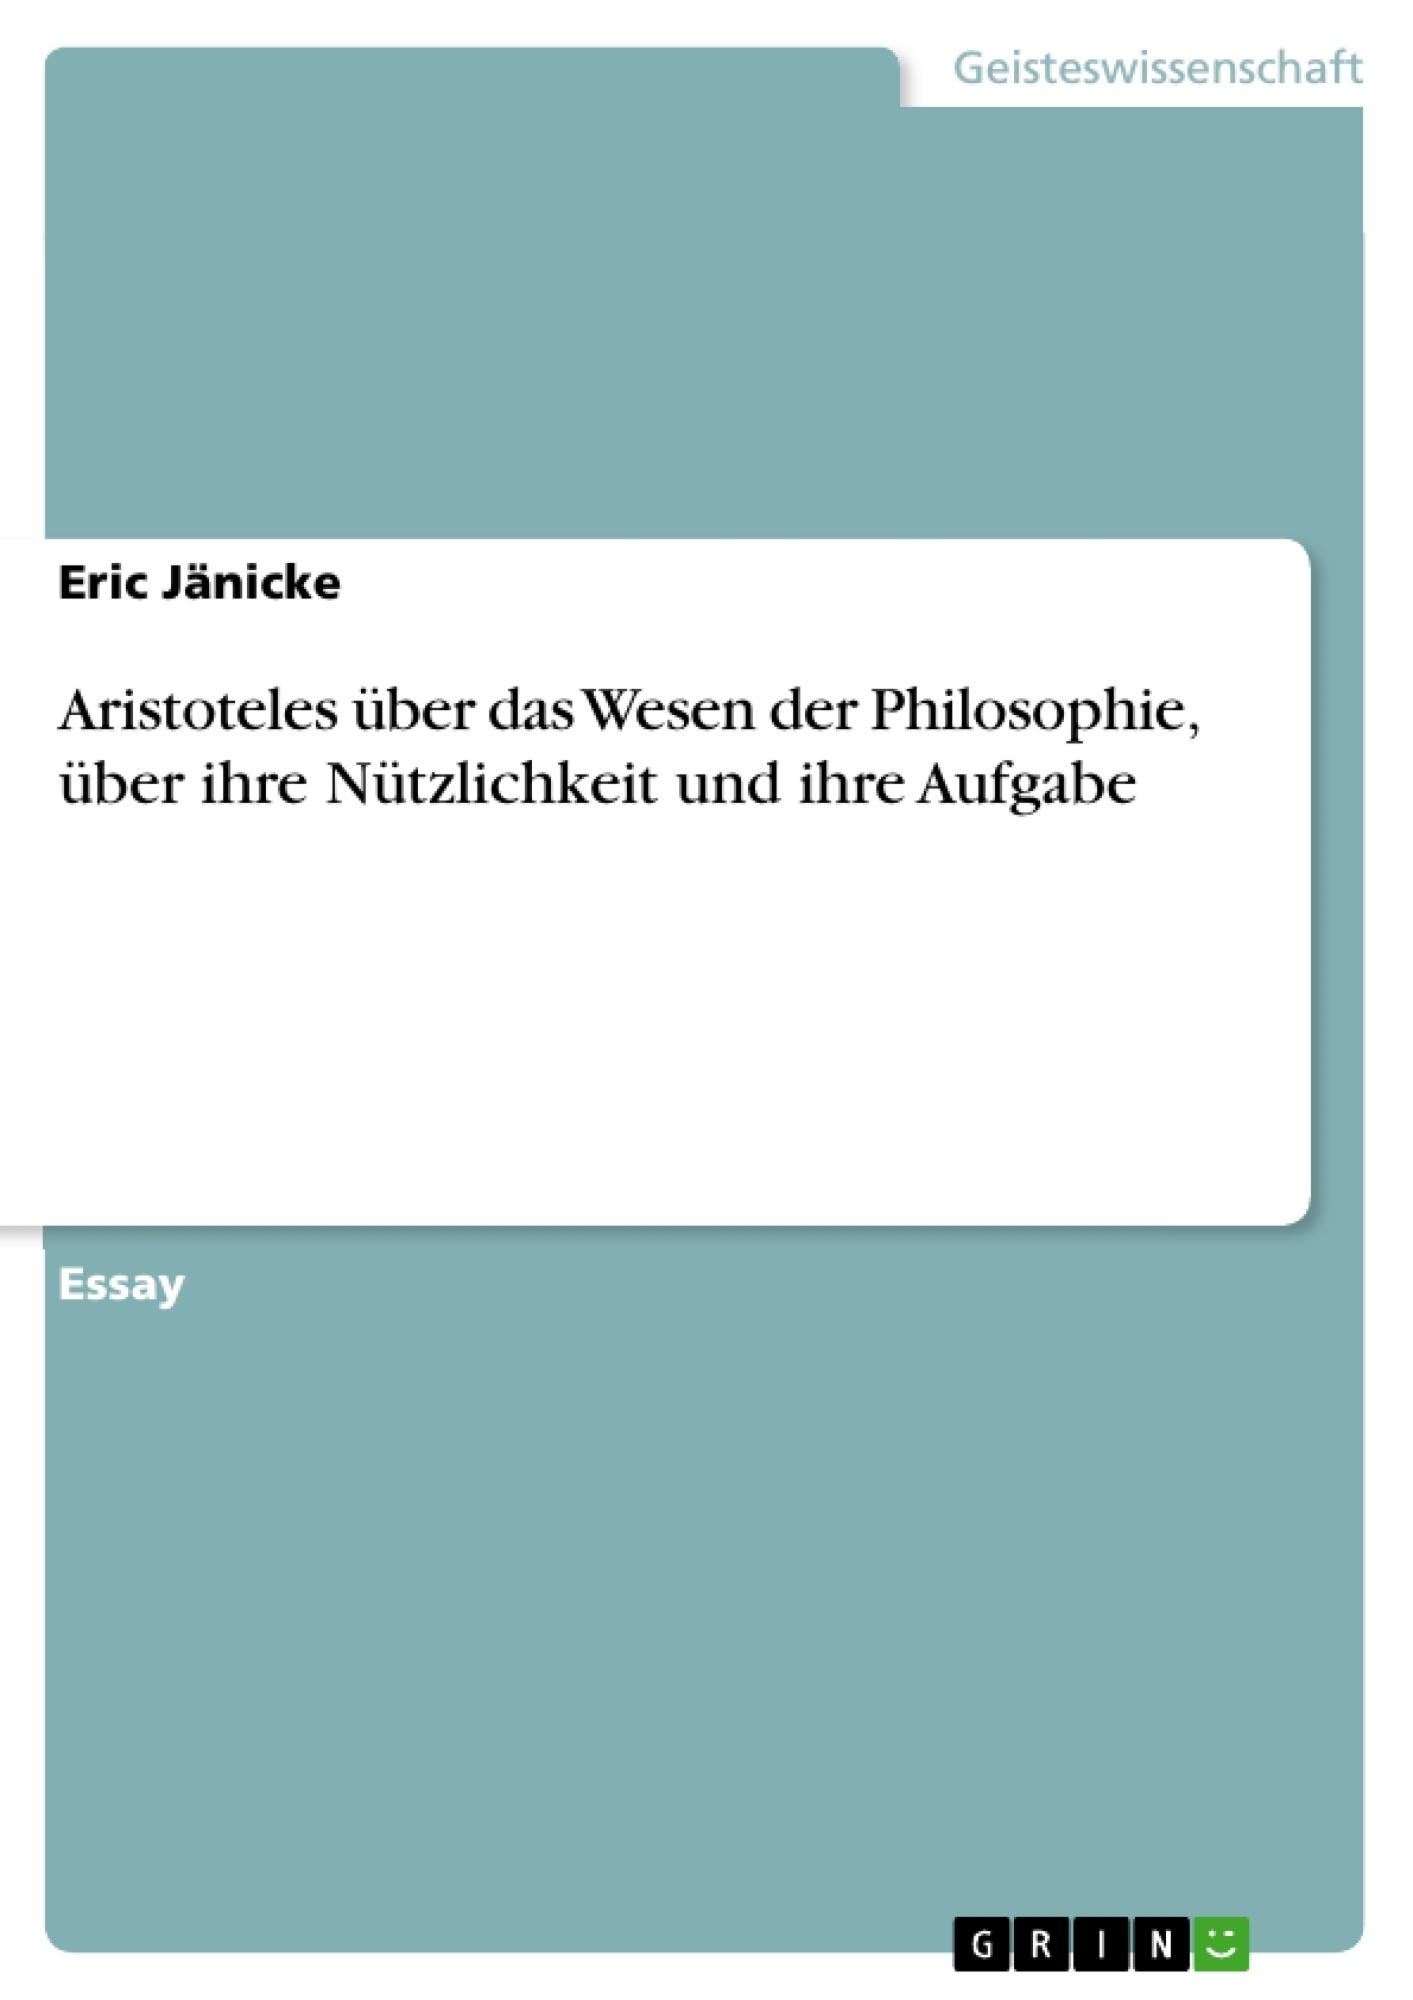 Titel: Aristoteles über das Wesen der Philosophie, über ihre Nützlichkeit und ihre Aufgabe